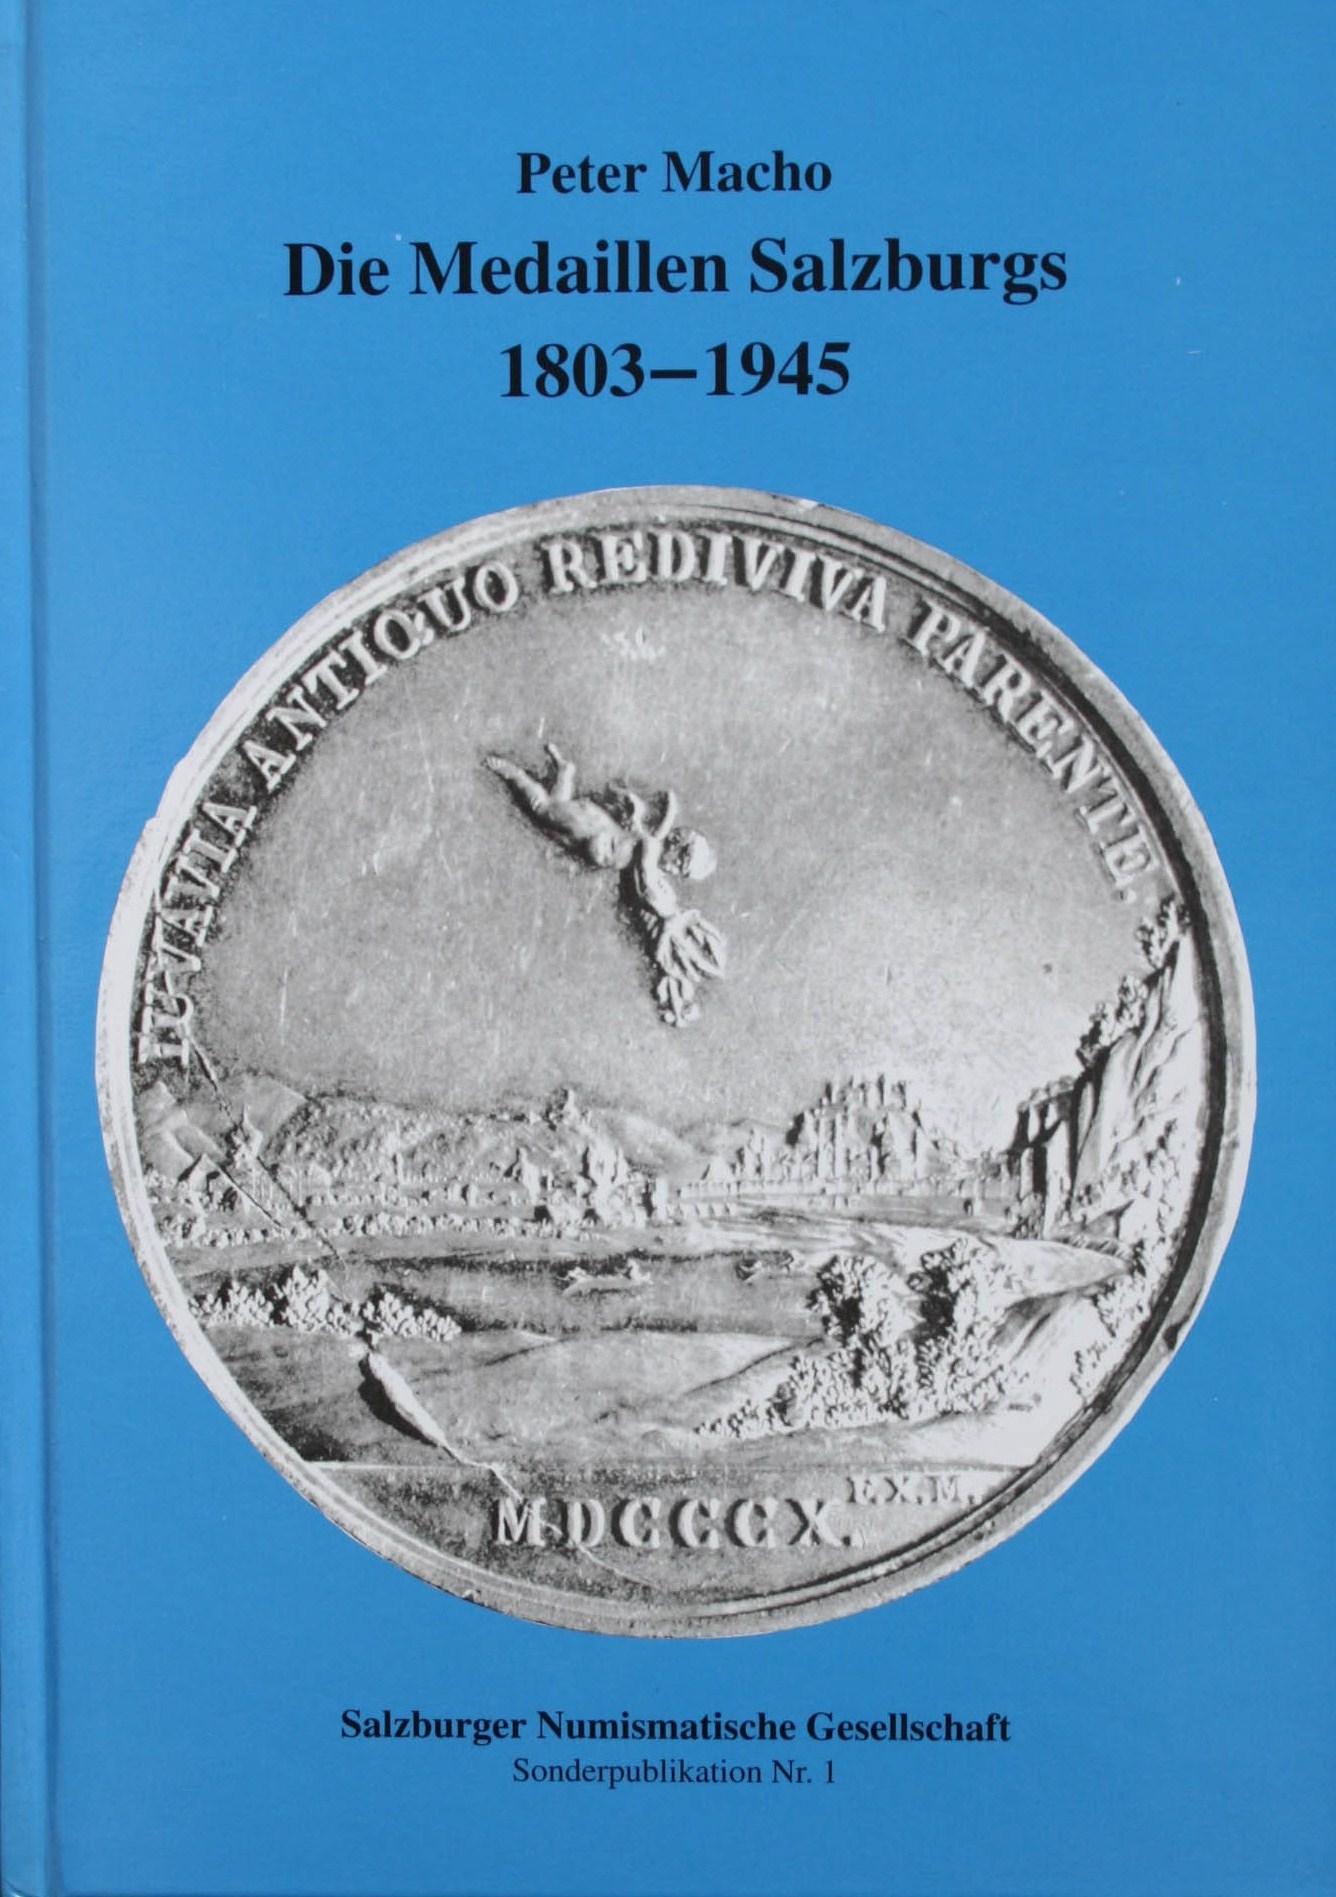 Die Medaillen Salzburgs 1803 - 1945. 136 S., davon 40 Tafeln.